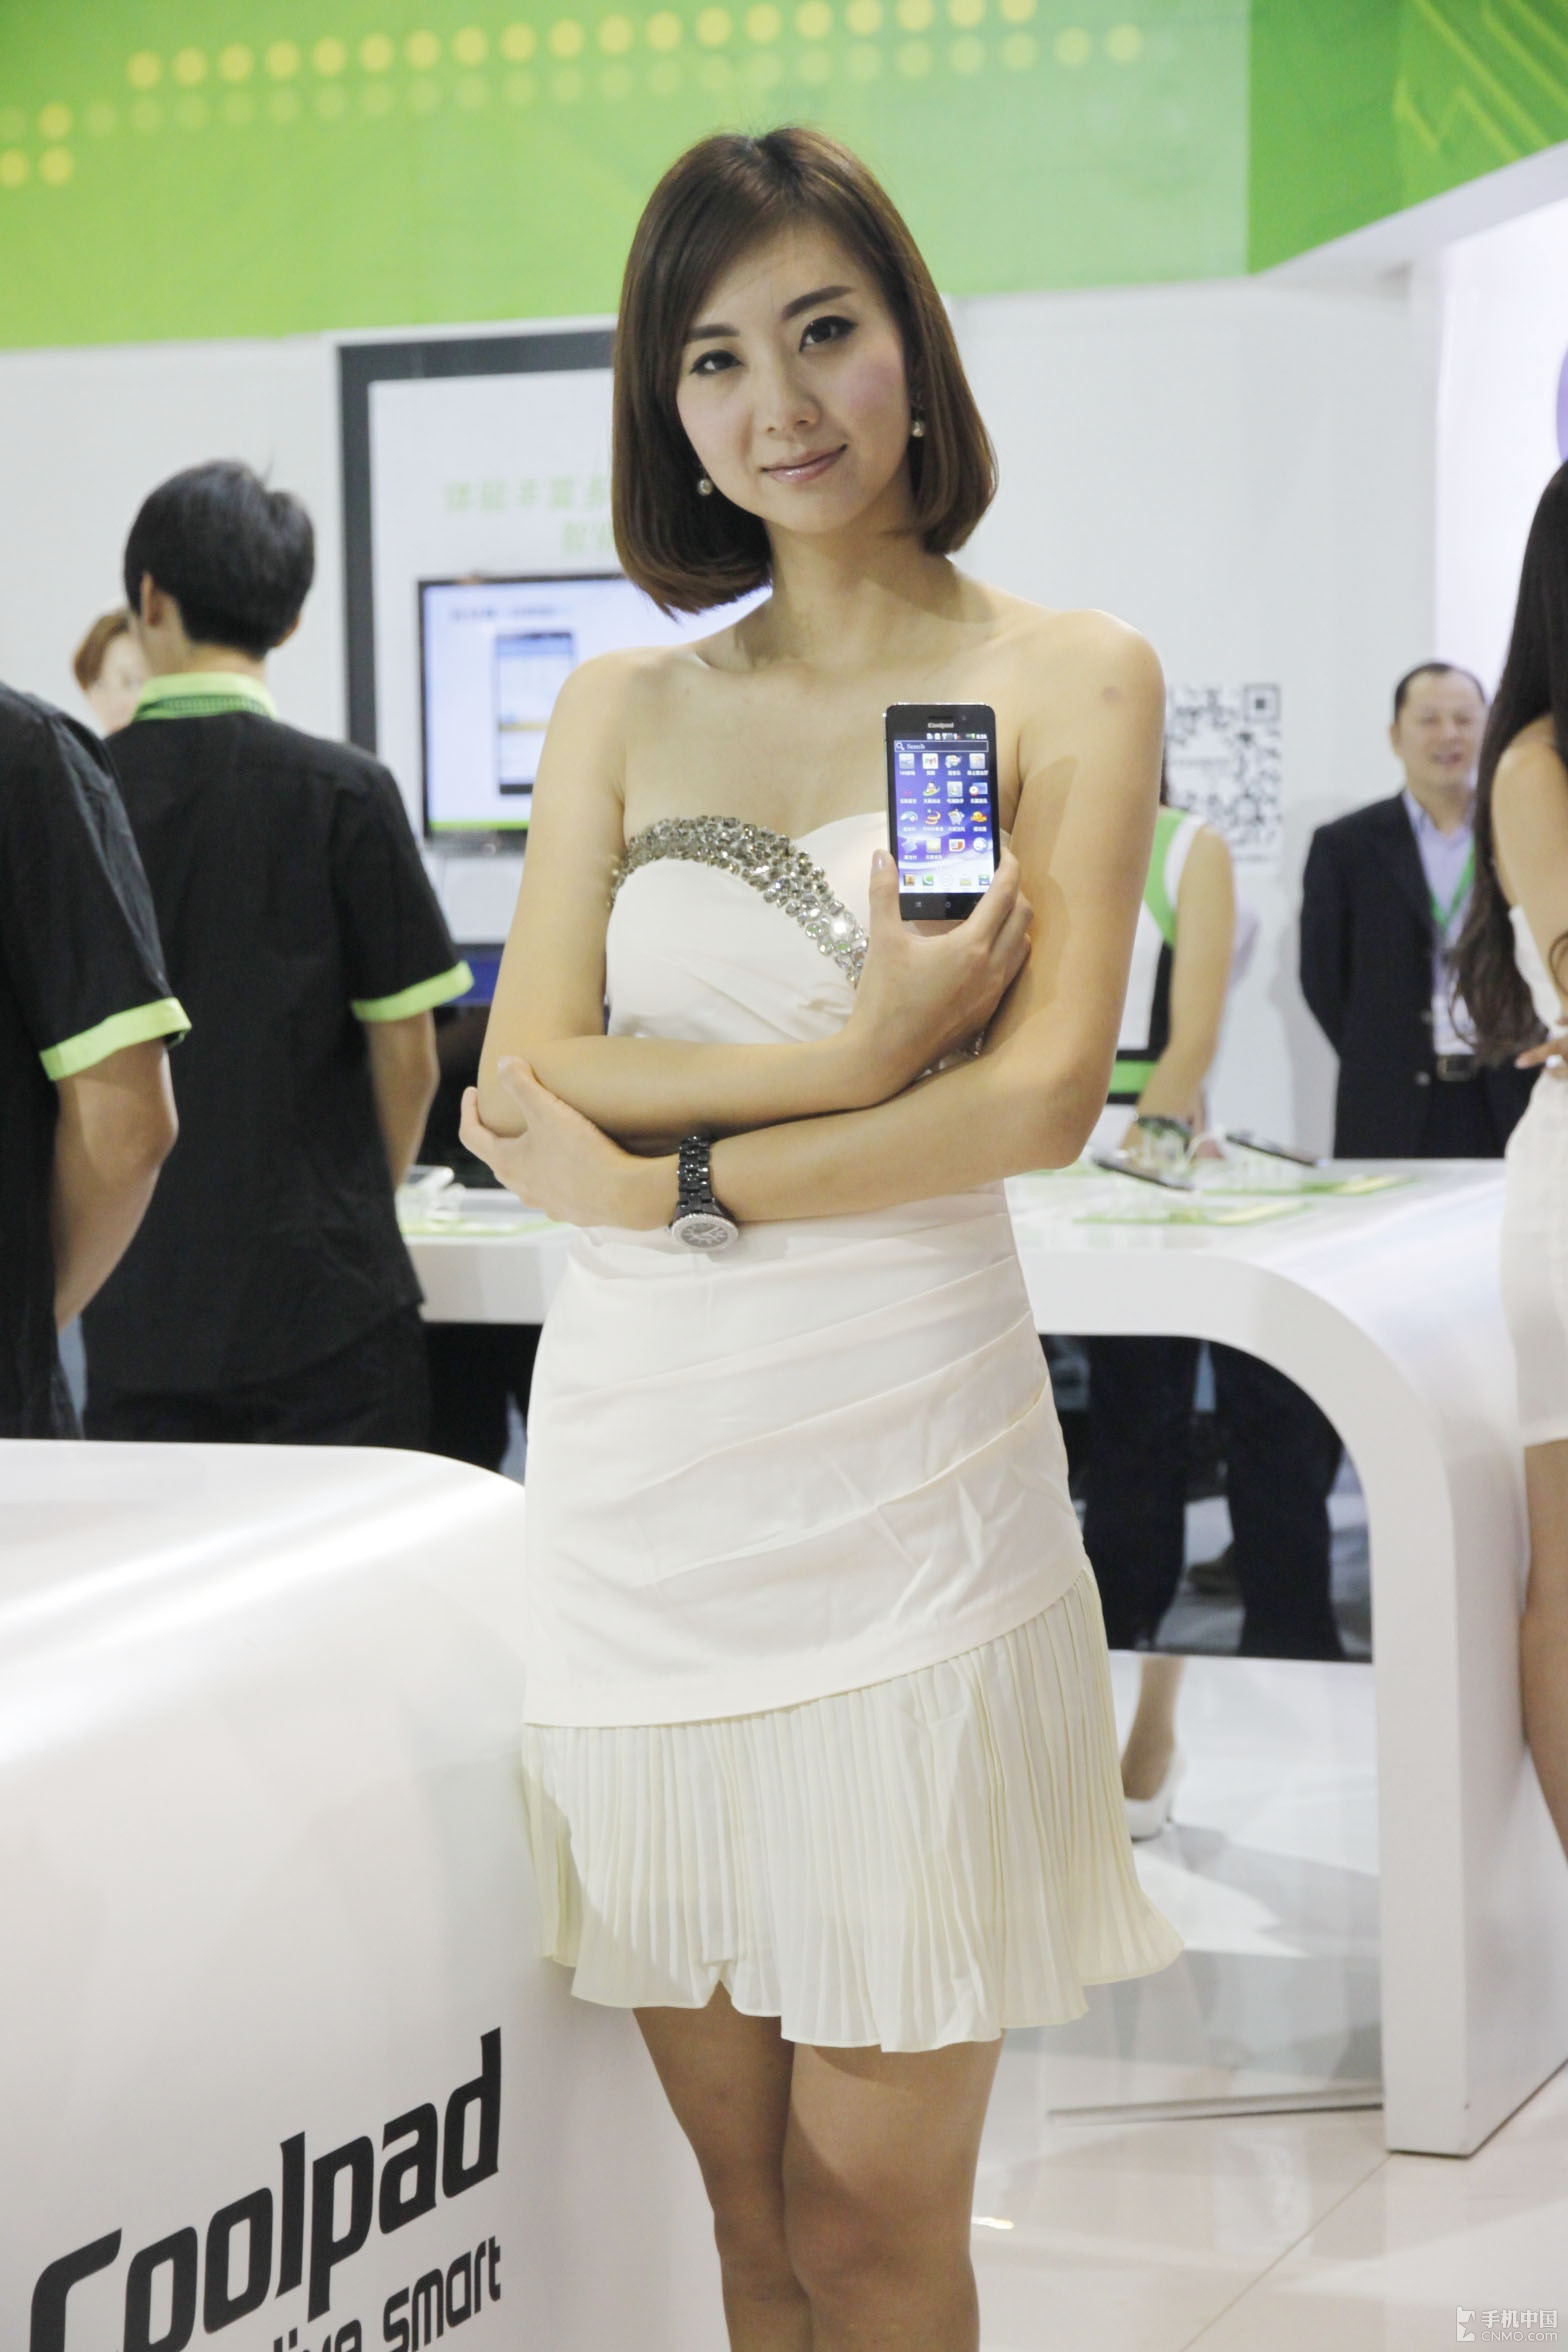 2012通信展:酷派美女 短发气质很养眼